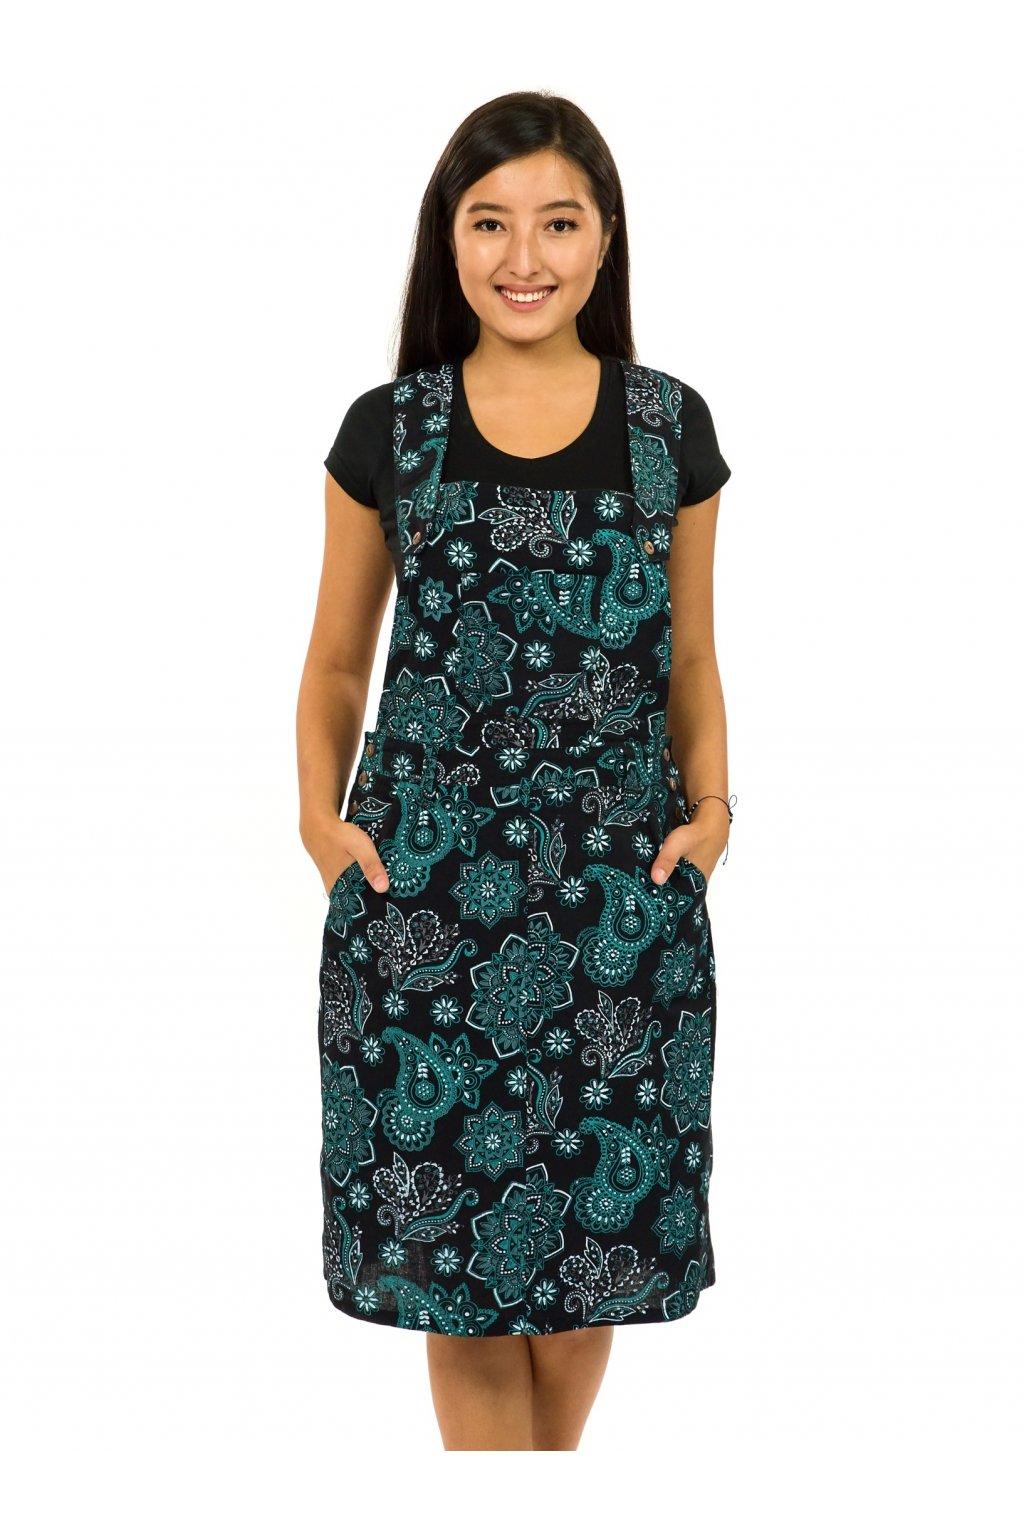 Laclové šaty Pemba - černá s tyrkysovou